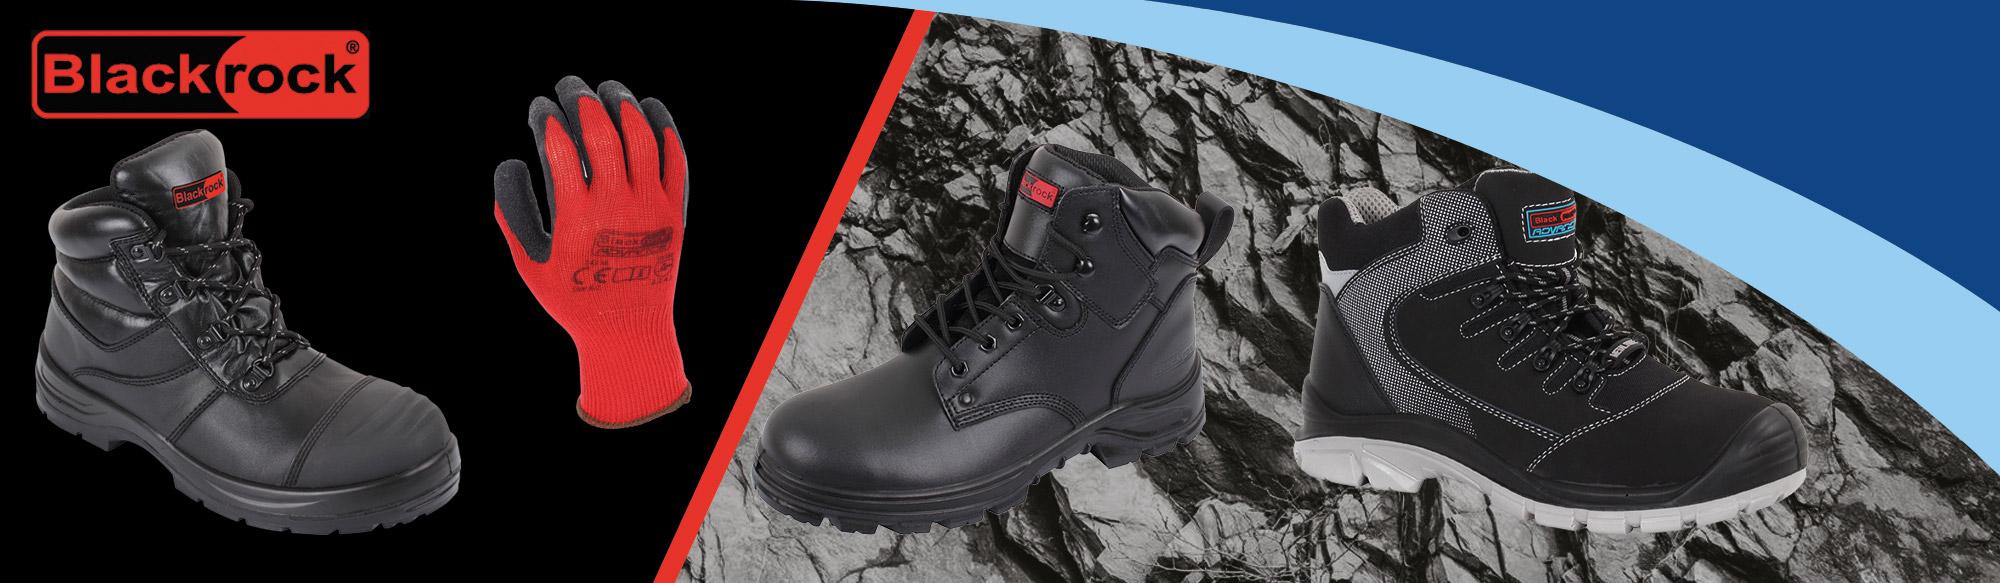 Blackrock® safety footwear and gloves banner